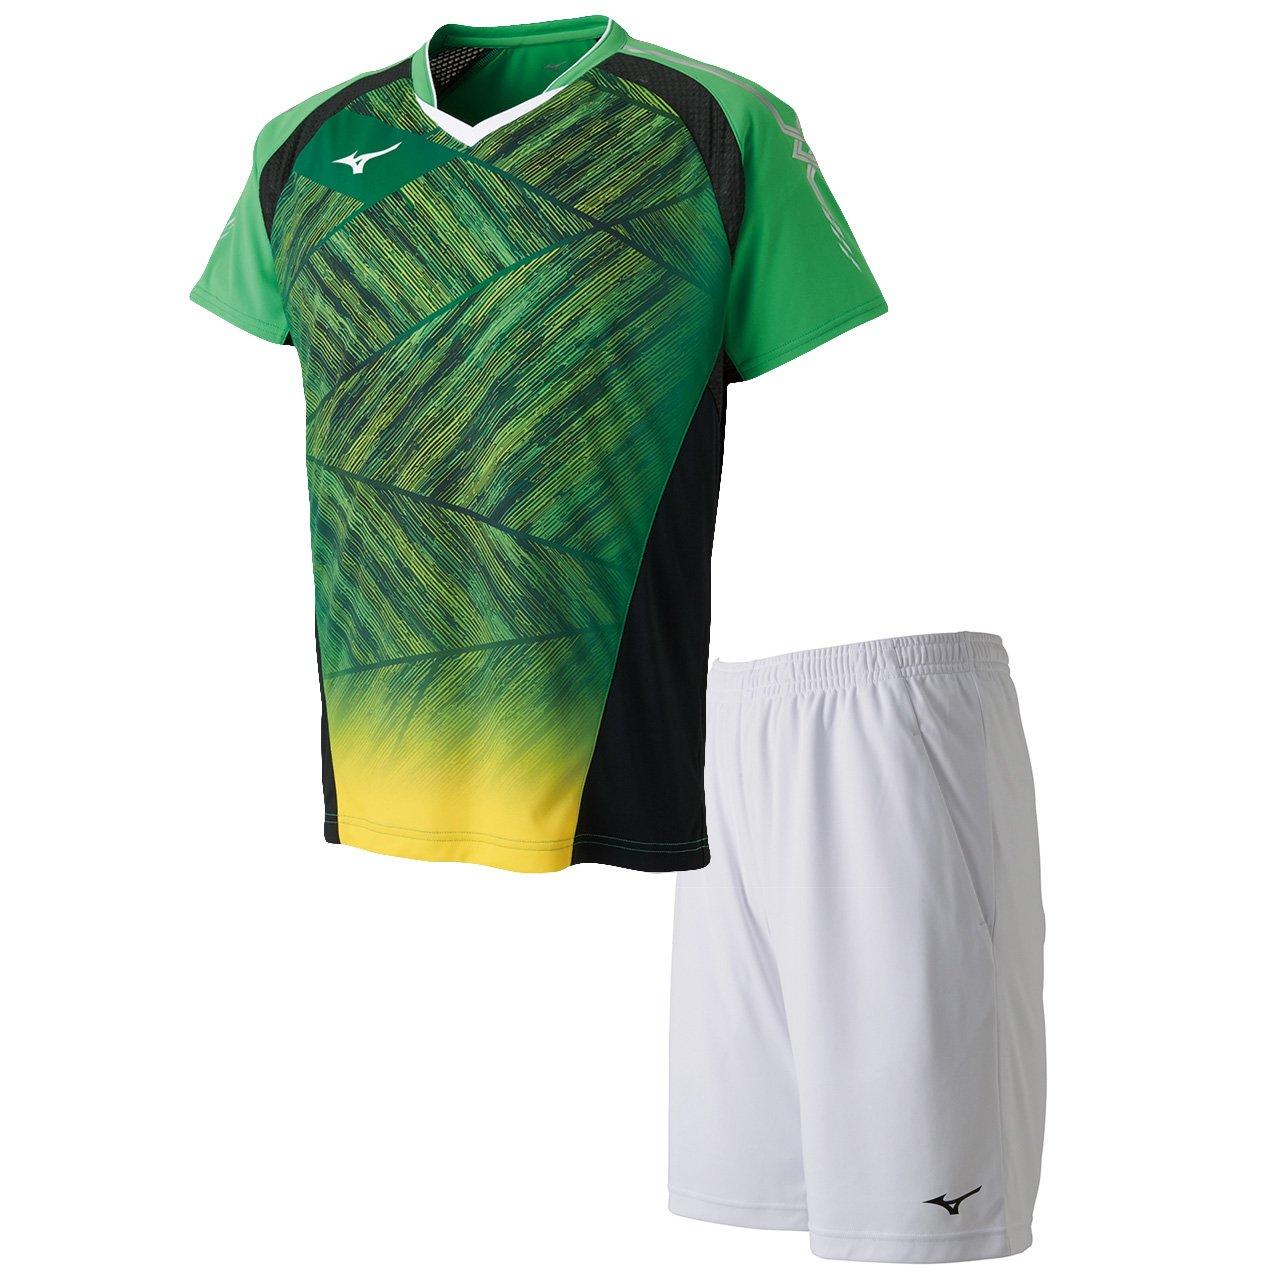 ミズノ(MIZUNO) ゲームシャツ&ゲームパンツ 上下セット(クラシックグリーン/ホワイト) 72MA8003-35-62JB8012-01 B079SDMWRD クラシックグリーン×ホワイト S